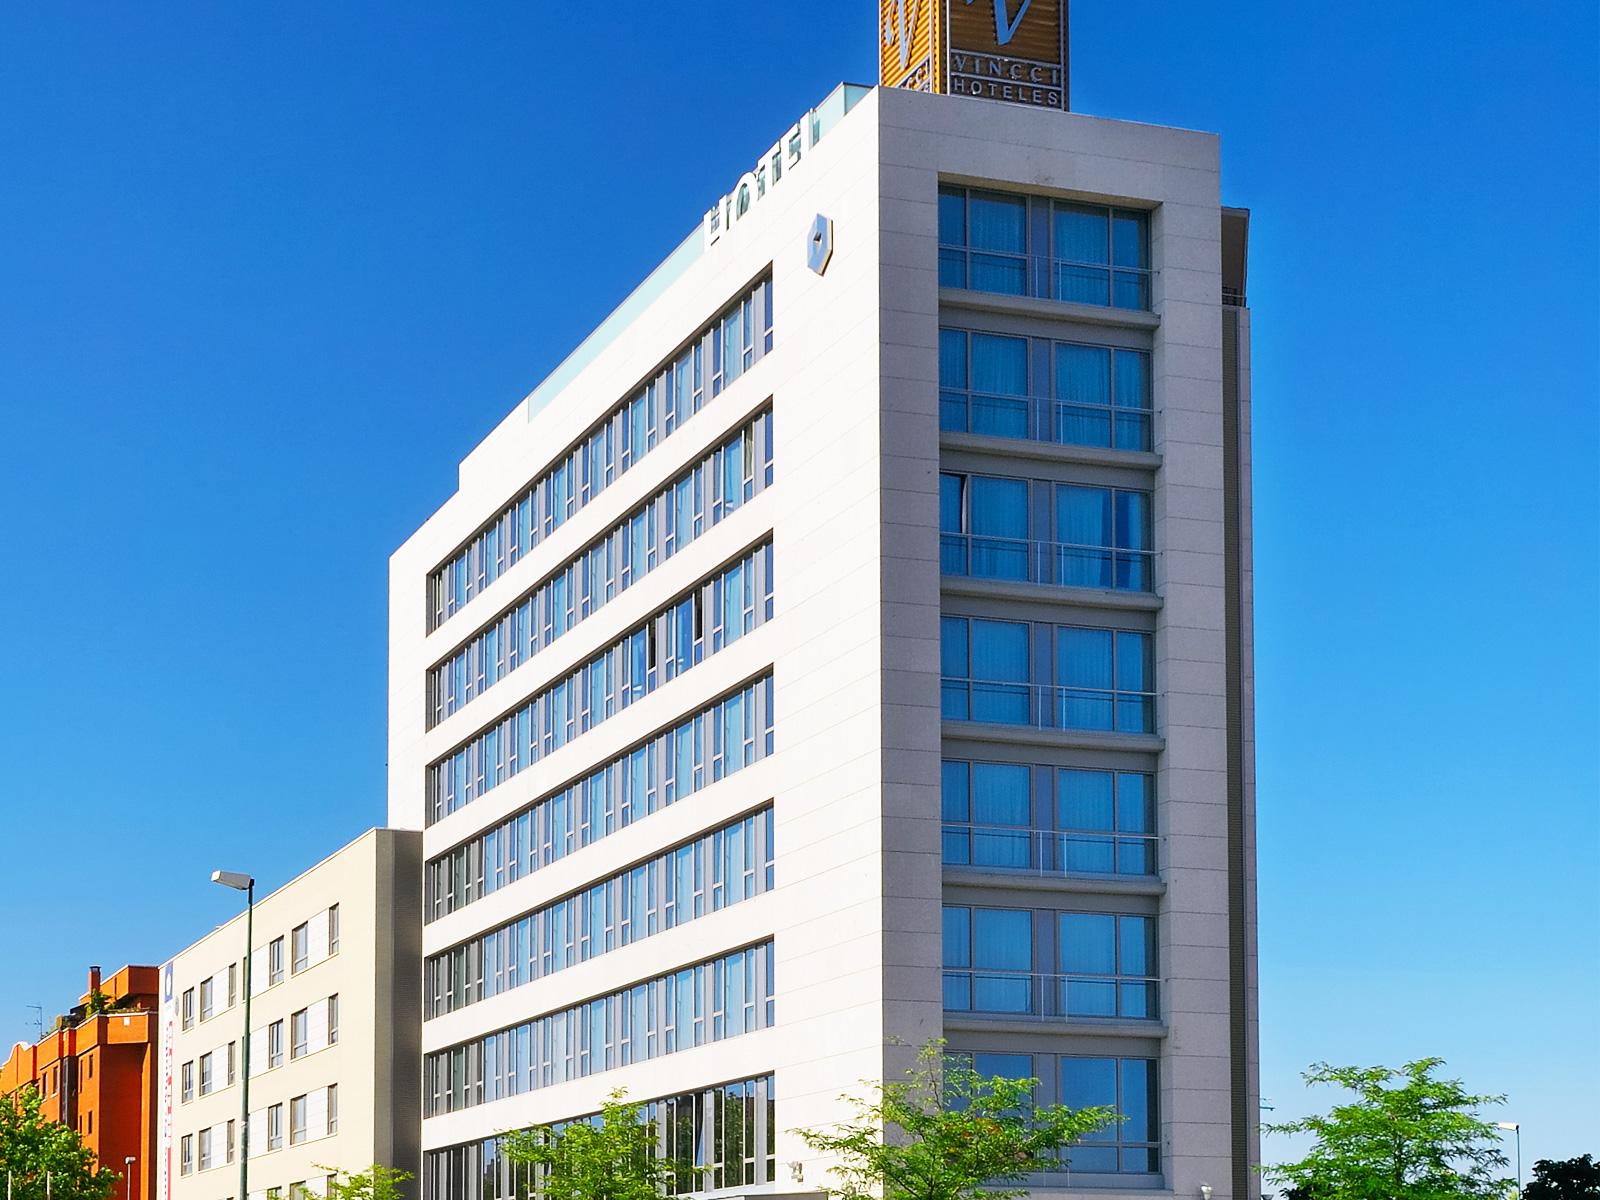 Exterior-Hotel Valladolid Frontaura - Vincci Hoteles